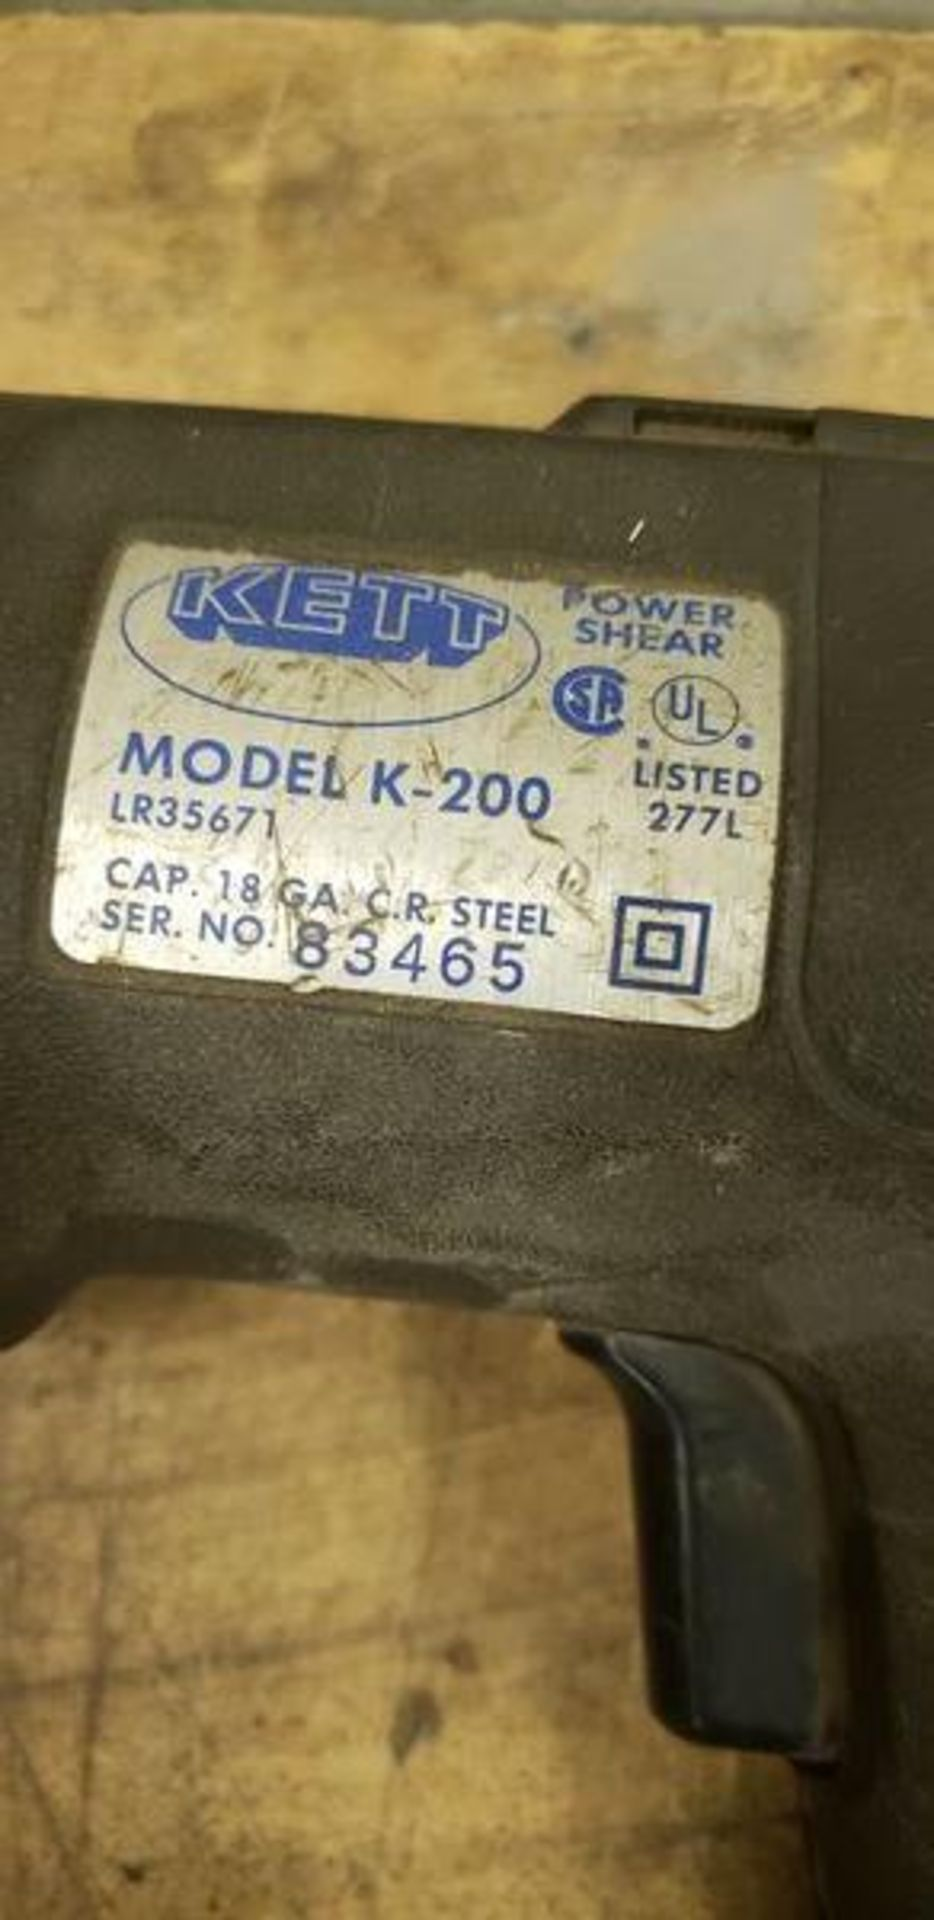 KETT POWER SHEAR MODEL K-200 - Image 3 of 3